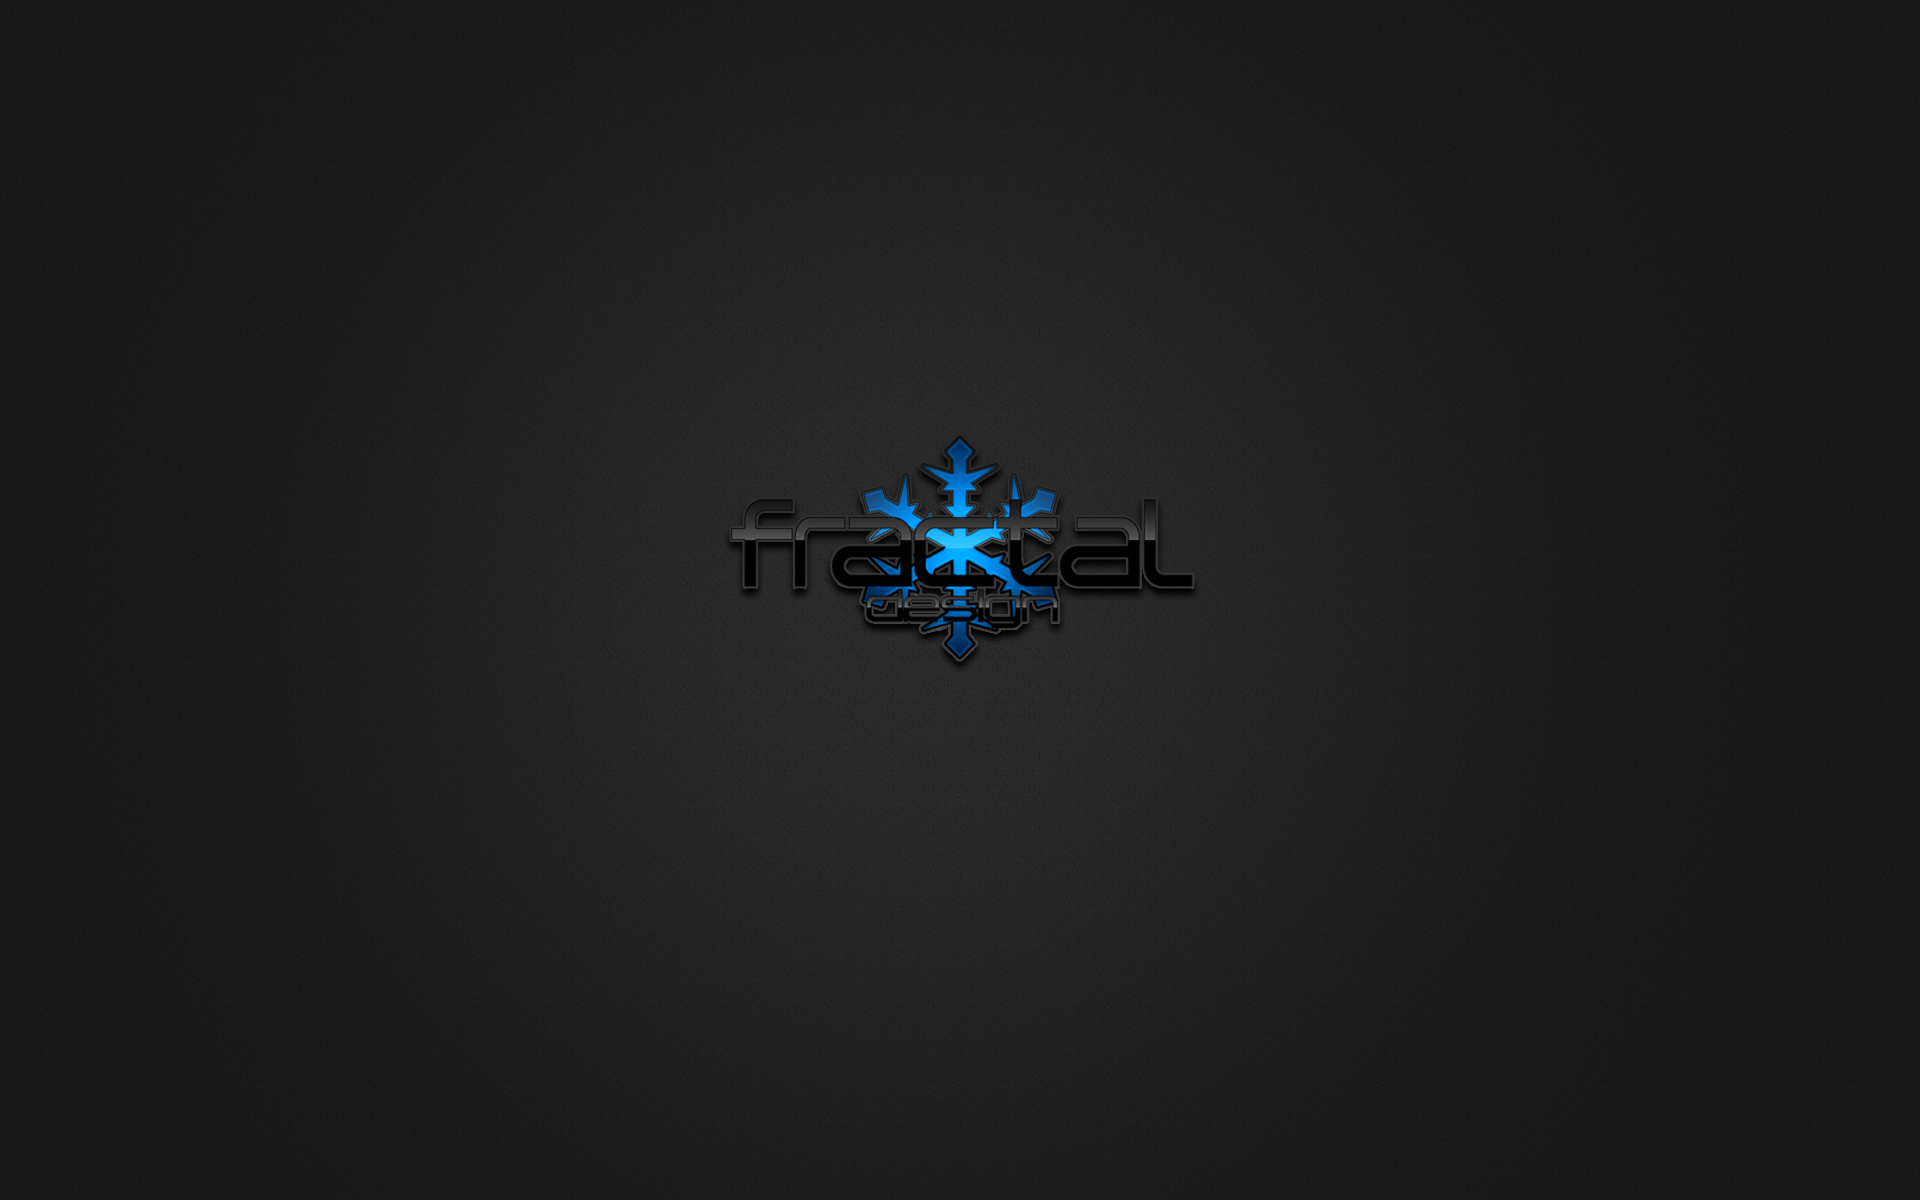 fractal_design_by_mullet-d6gom9r.jpg